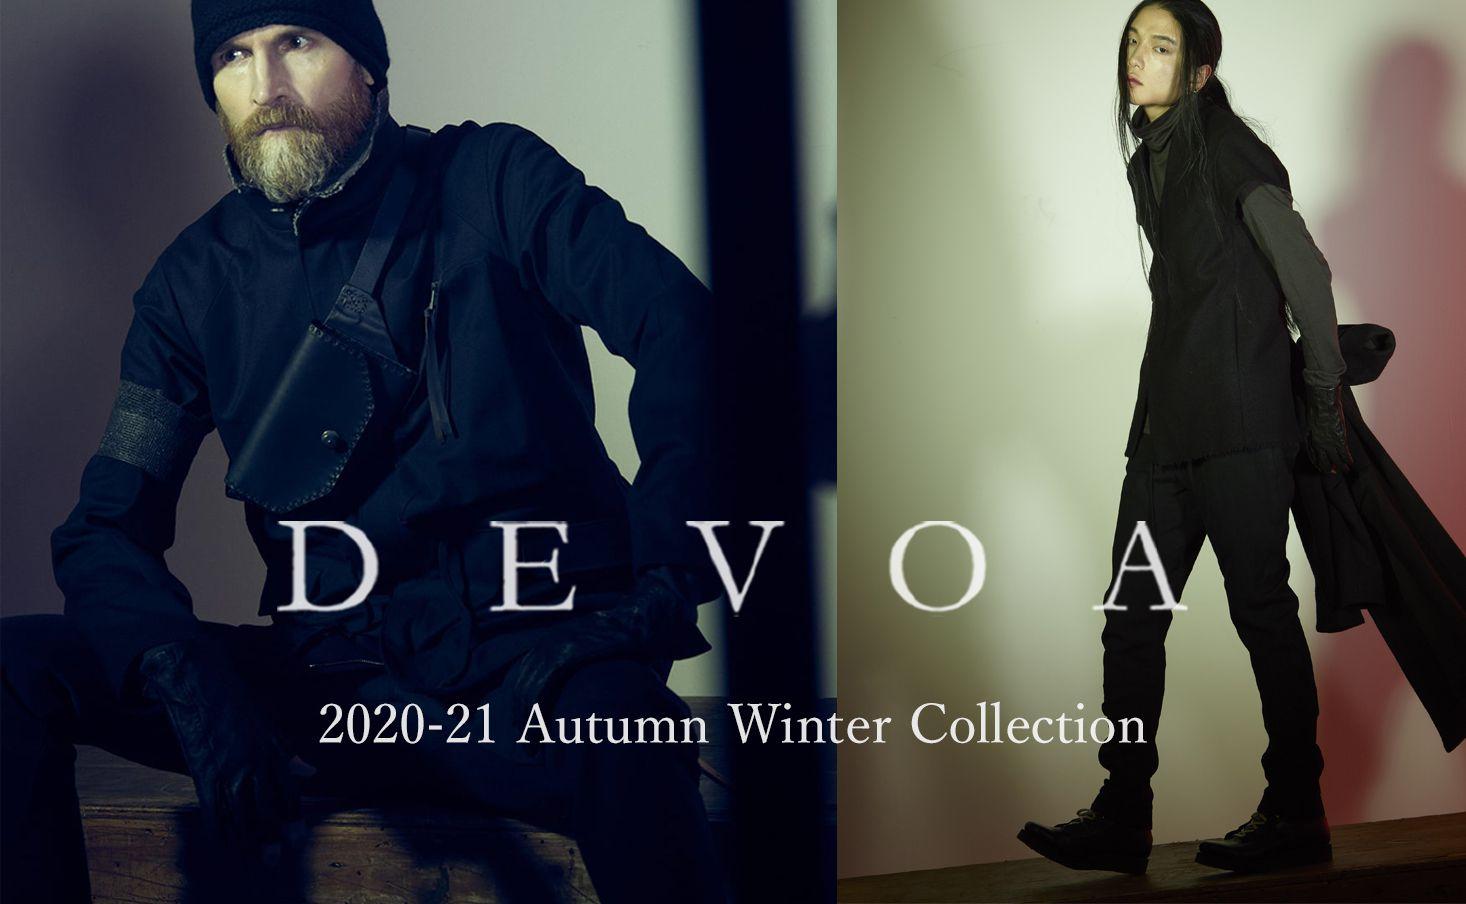 DEVOA 2020-21AW collection